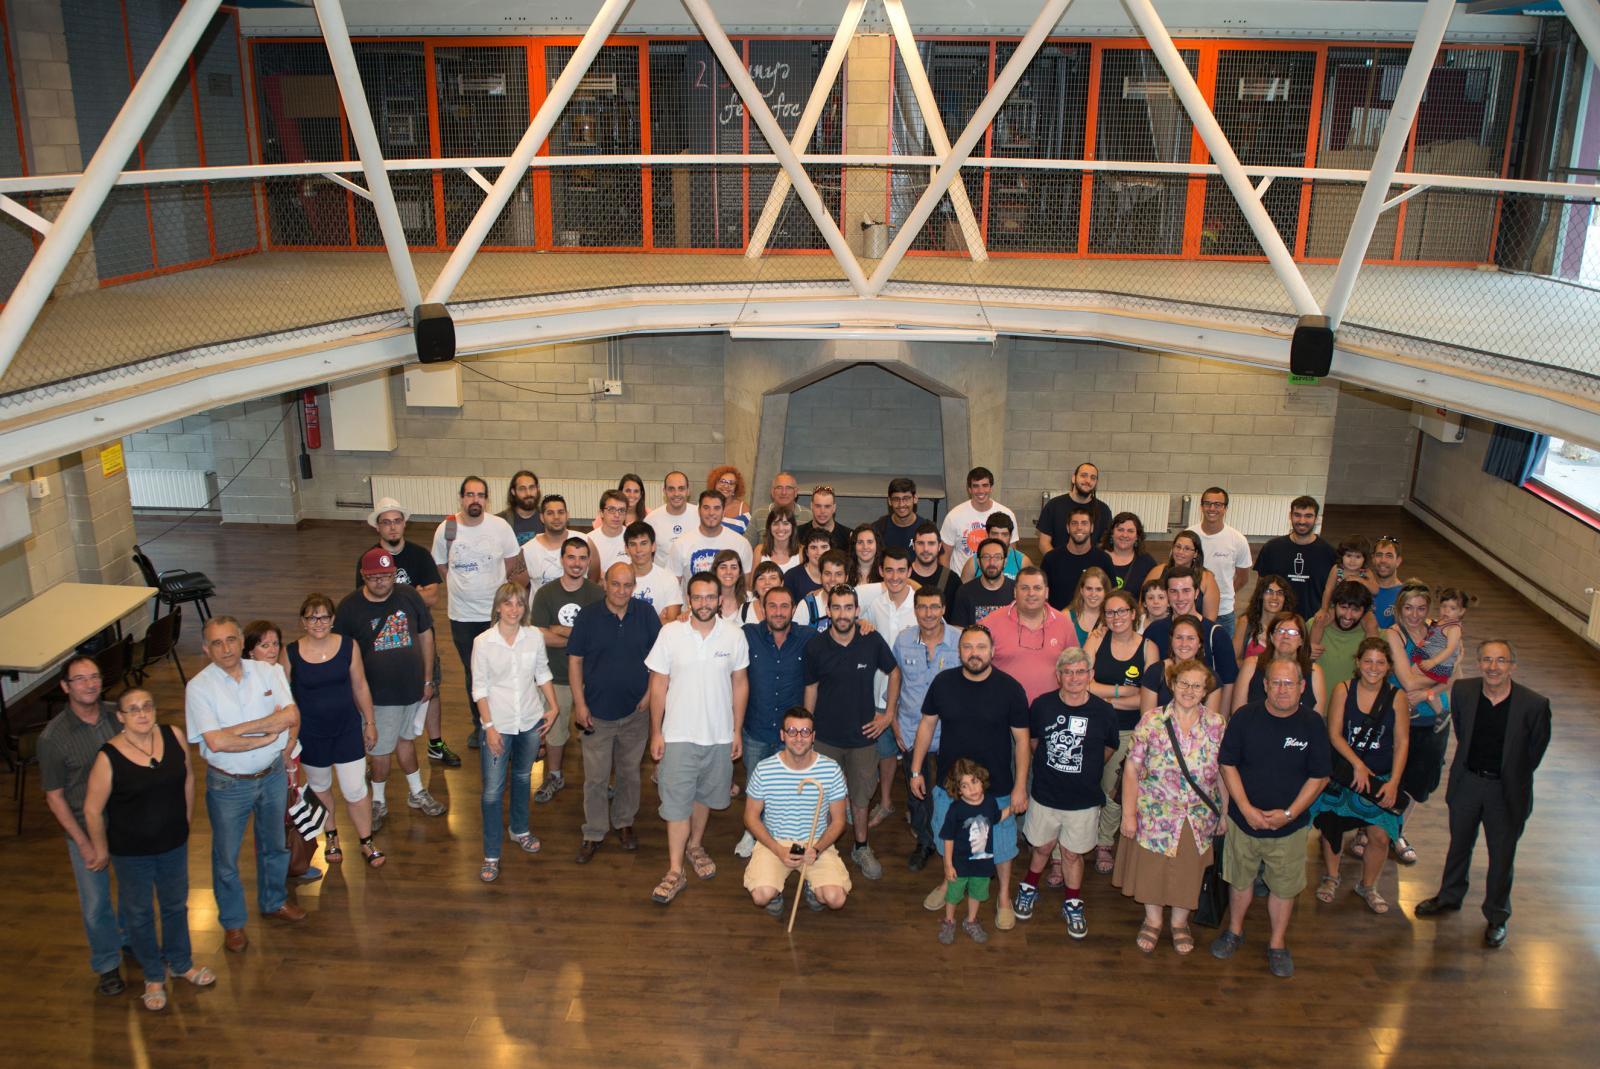 Els assistents a la presentació de la programació de Festa Major, a la Troca. Foto: T.Torrillas